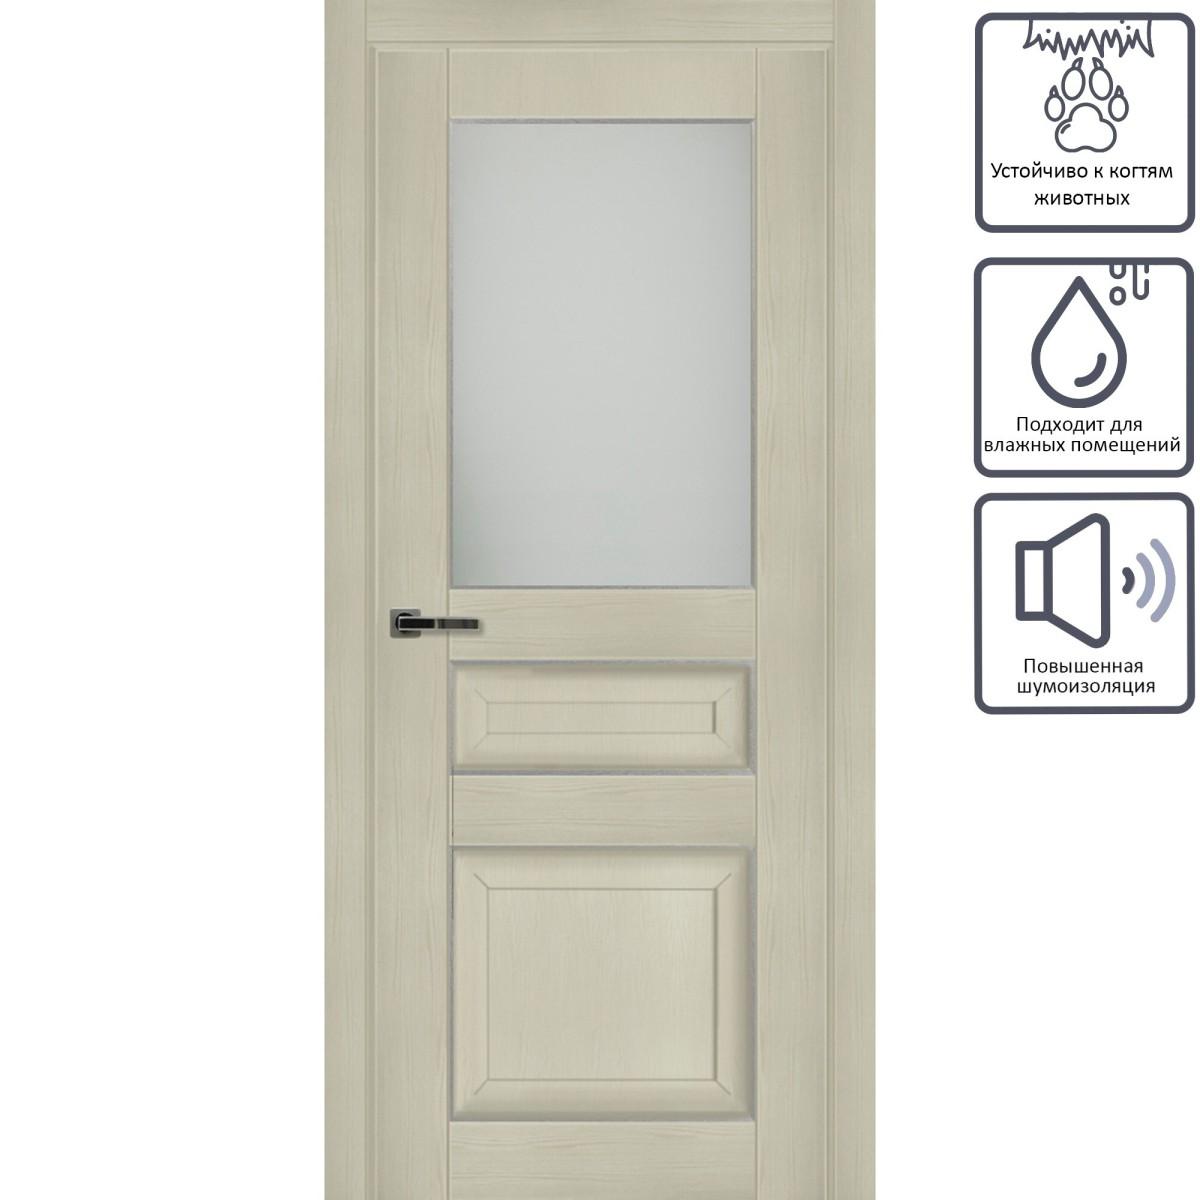 Дверь Межкомнатная Глухая С Замком В Комплекте Дерби 2100x800 Cpl Цвет Белый